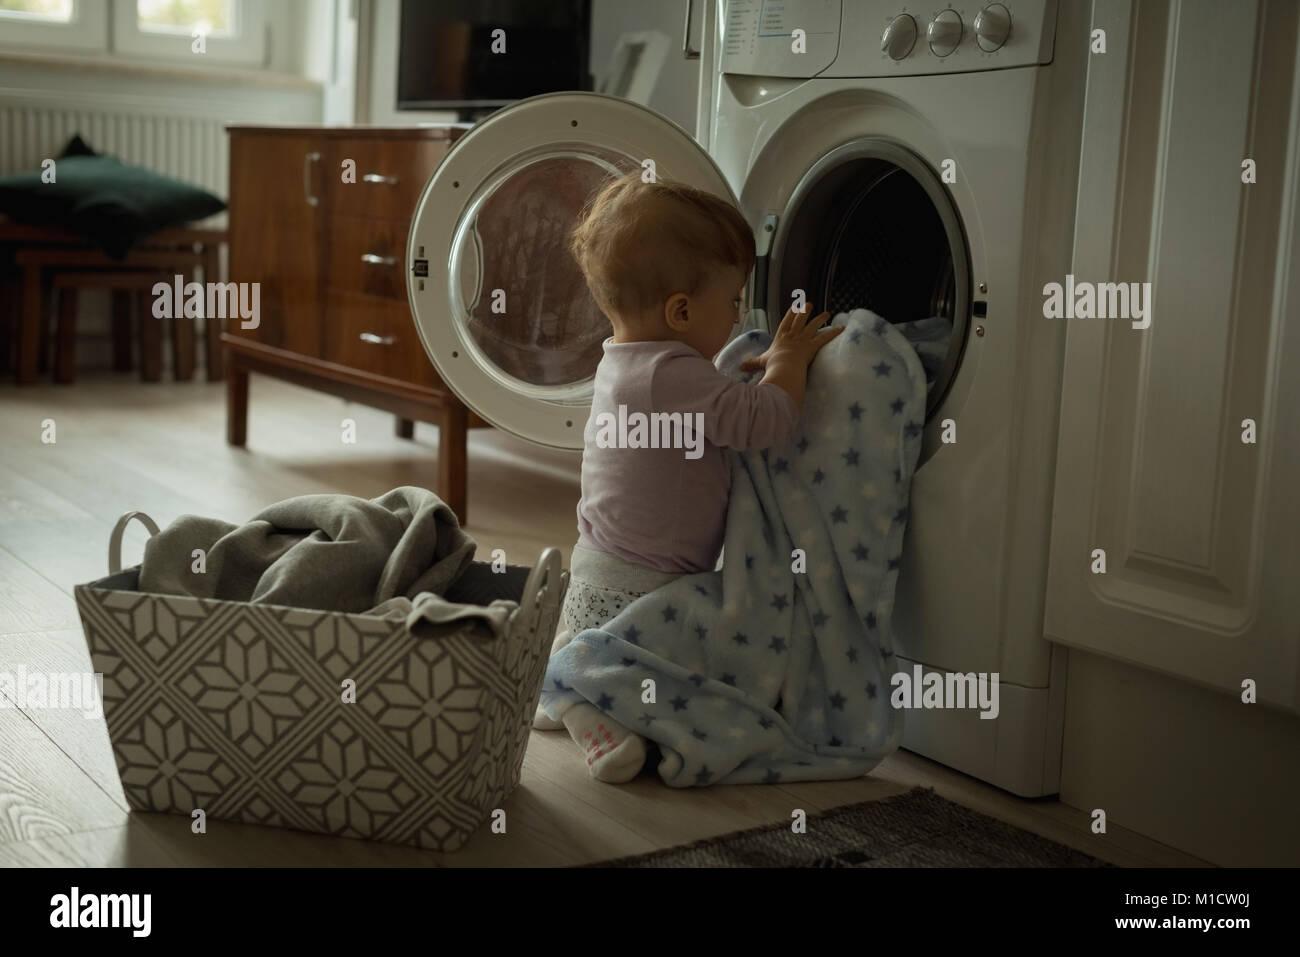 Baby, Kleidung in der Waschmaschine Stockbild